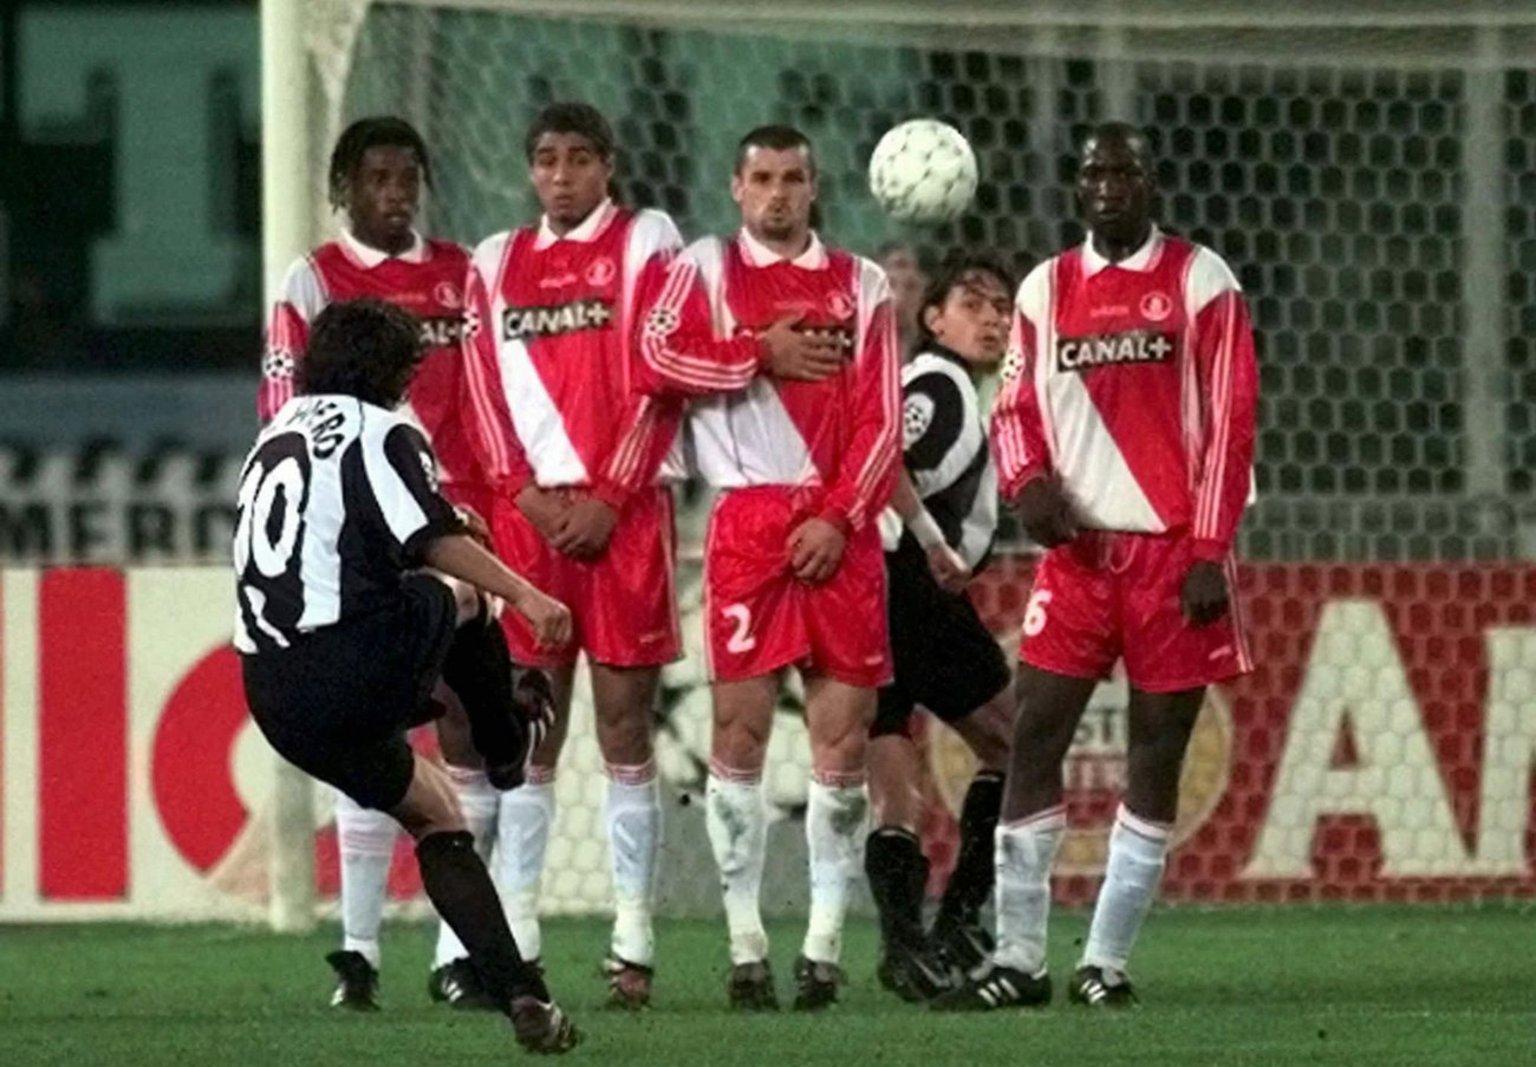 La splendida punizione di Del Piero contro il Monaco nel 1998